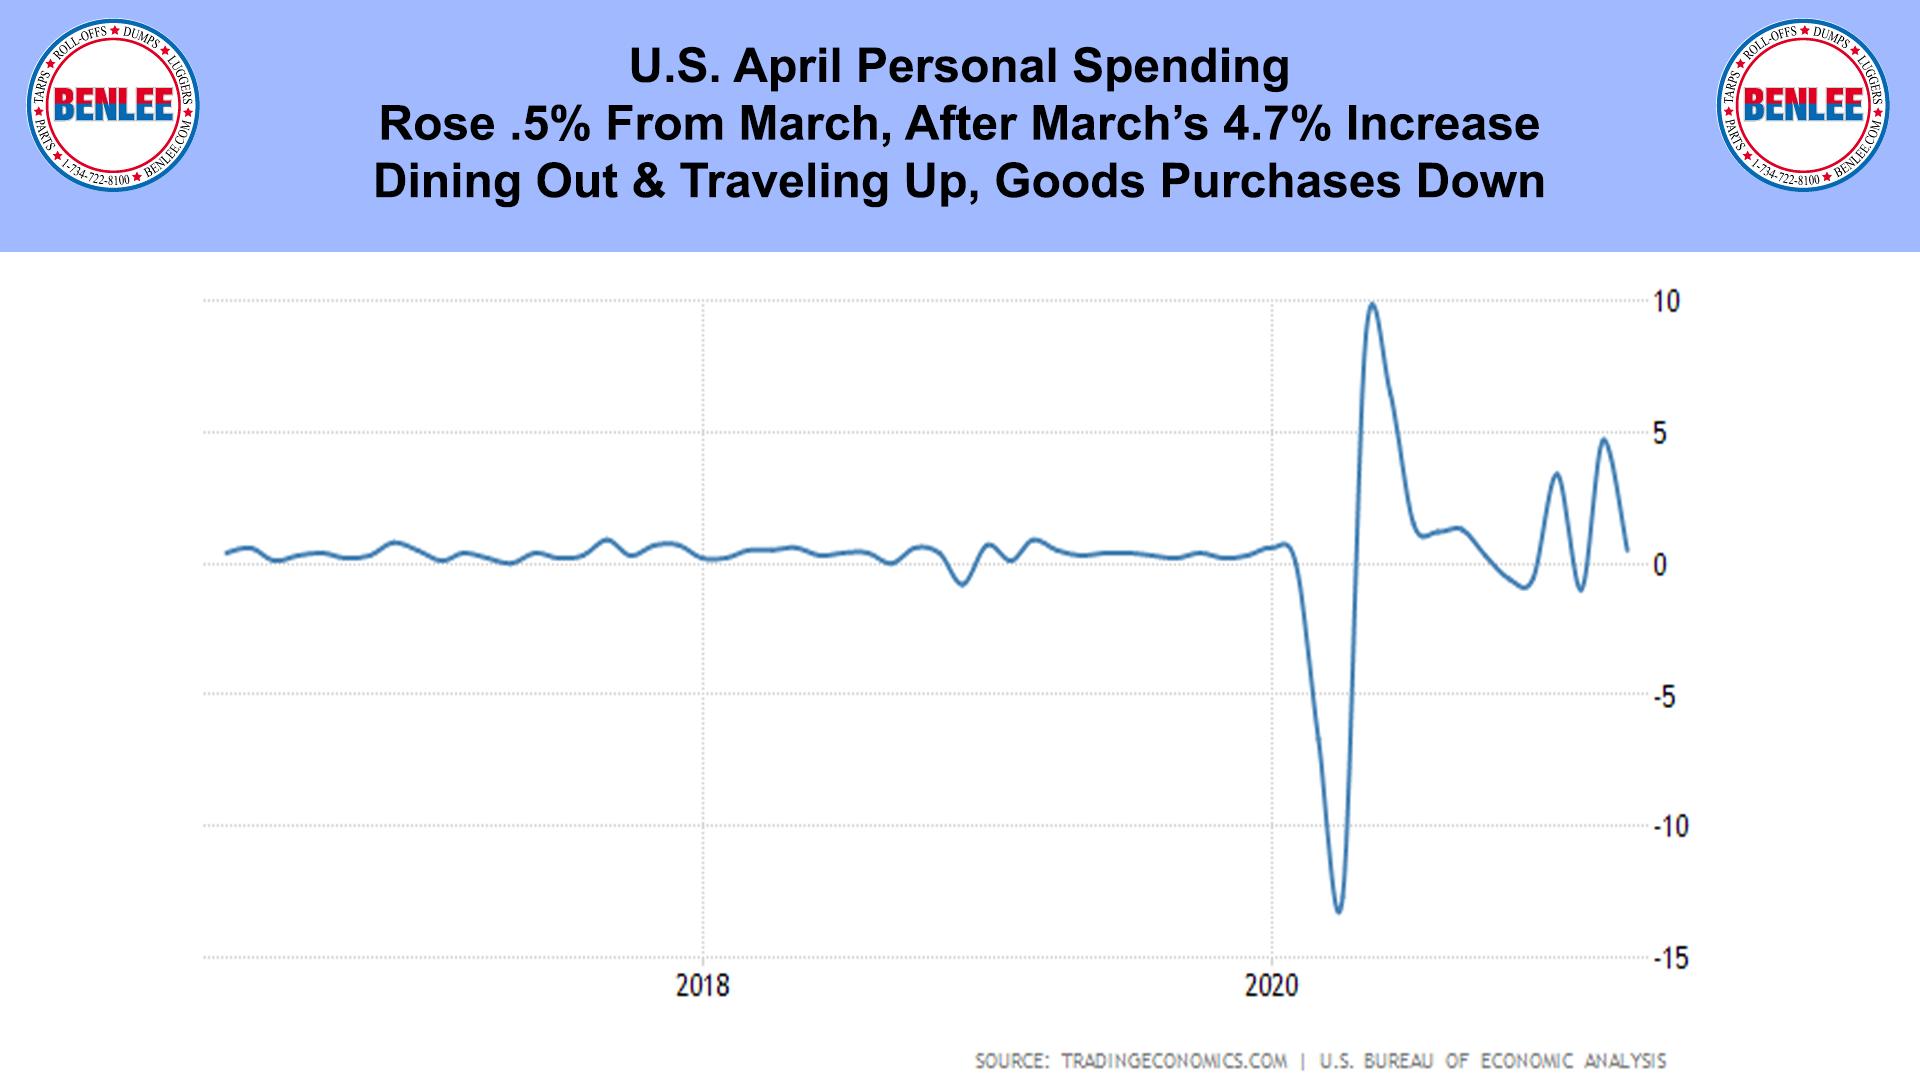 U.S. April Personal Spending